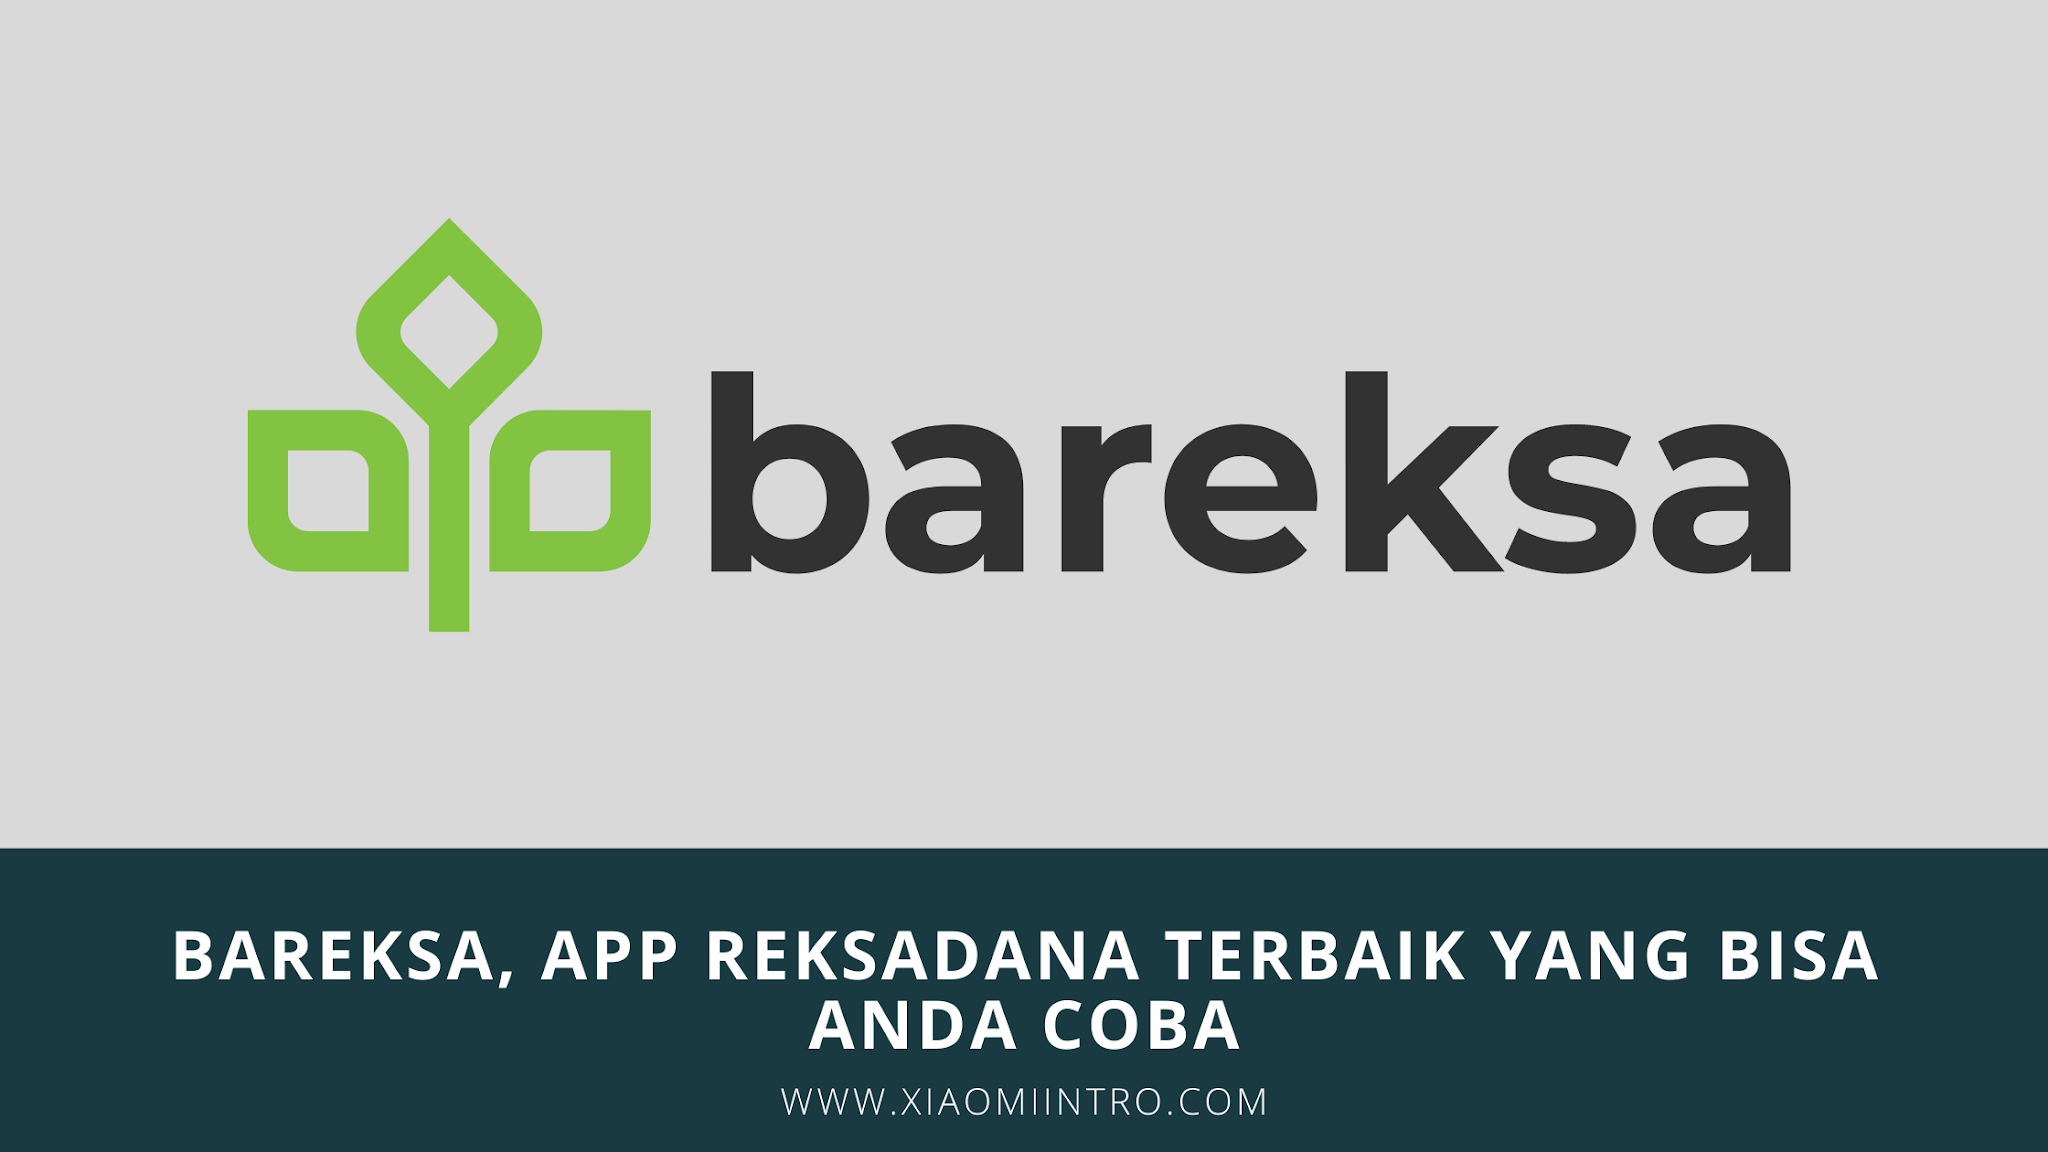 Bareksa, App Reksadana Terbaik Yang Bisa Anda Coba